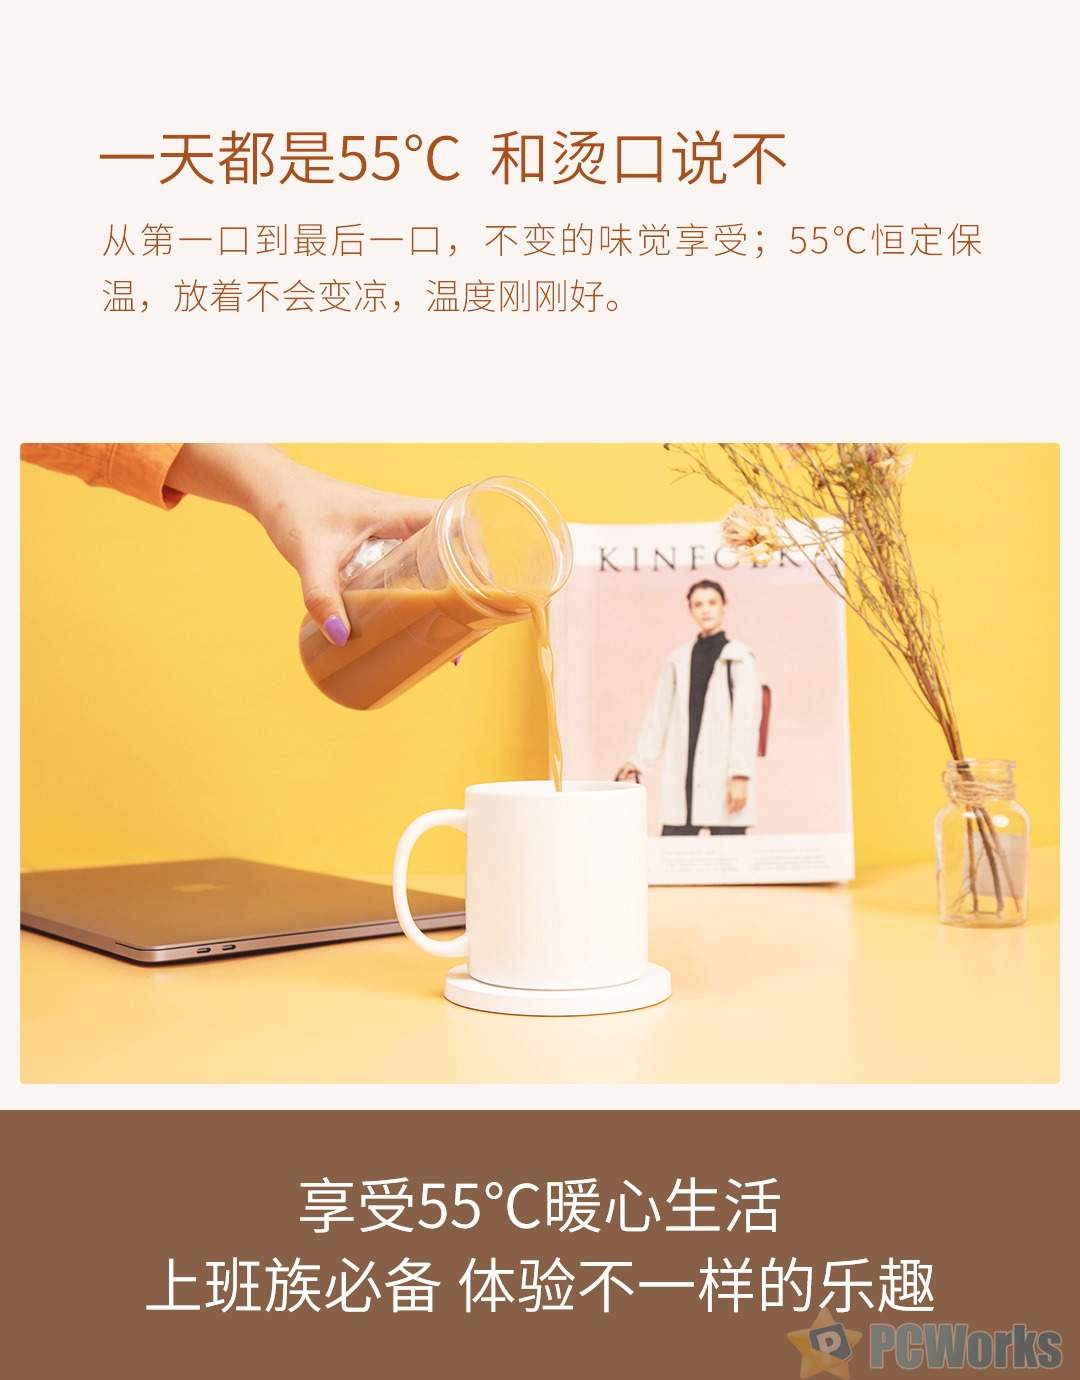 小米有品开卖55℃暖暖杯:无线充电/55℃恒温